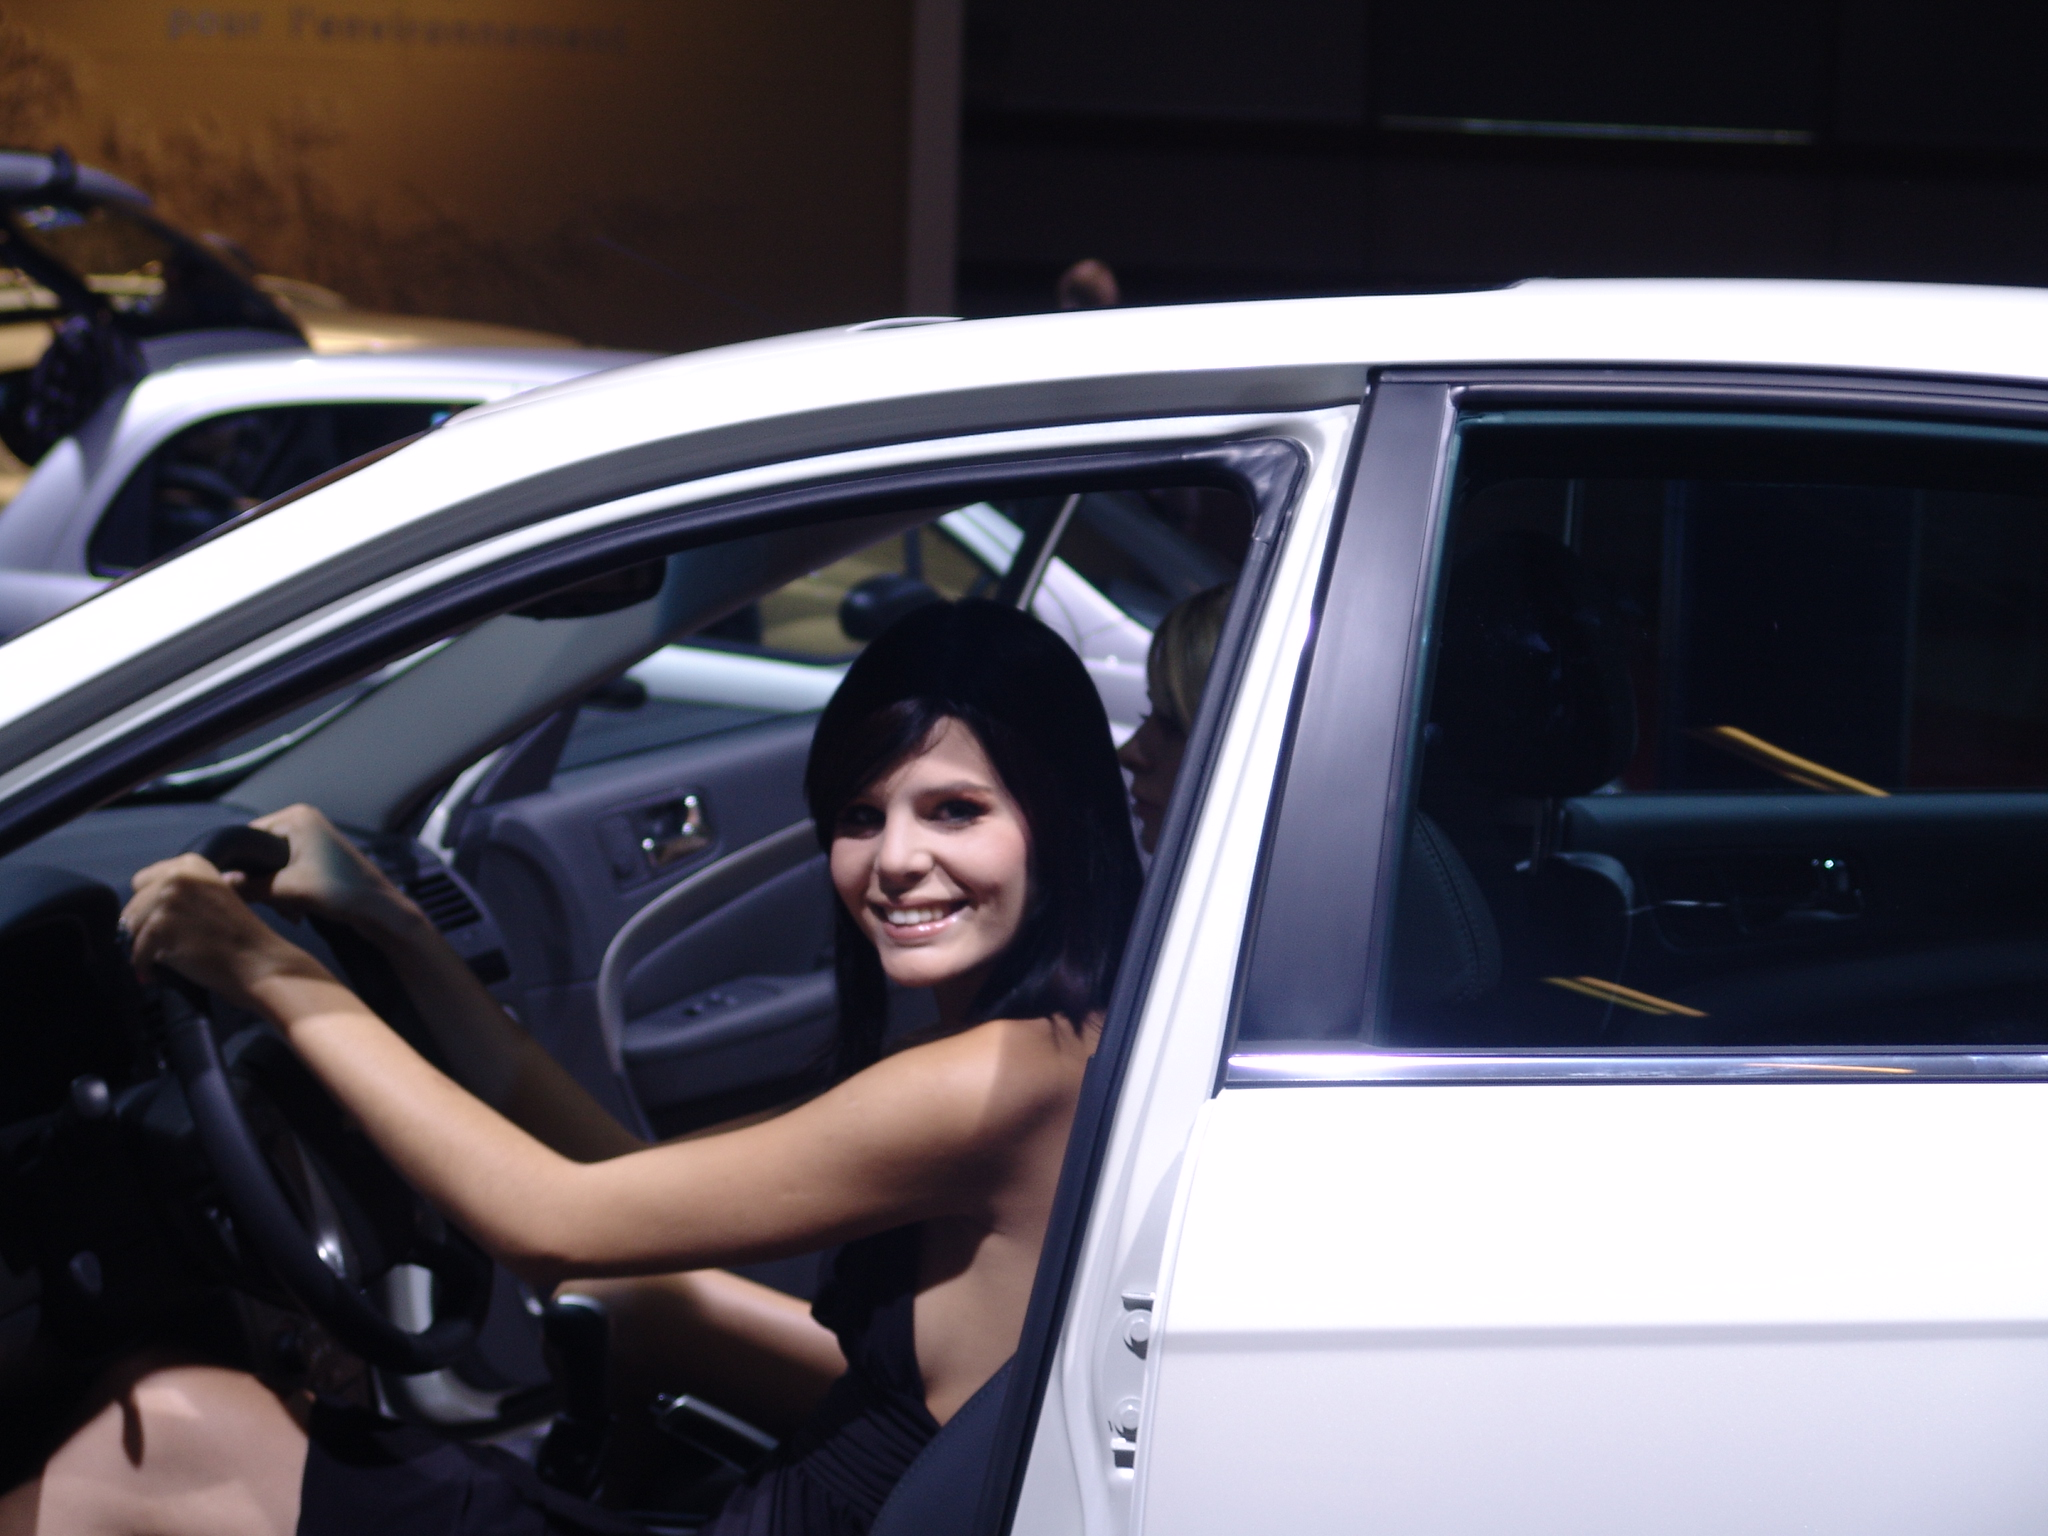 elise miss sensuelle concours caradisiac miss mondial de l 39 auto 2006. Black Bedroom Furniture Sets. Home Design Ideas